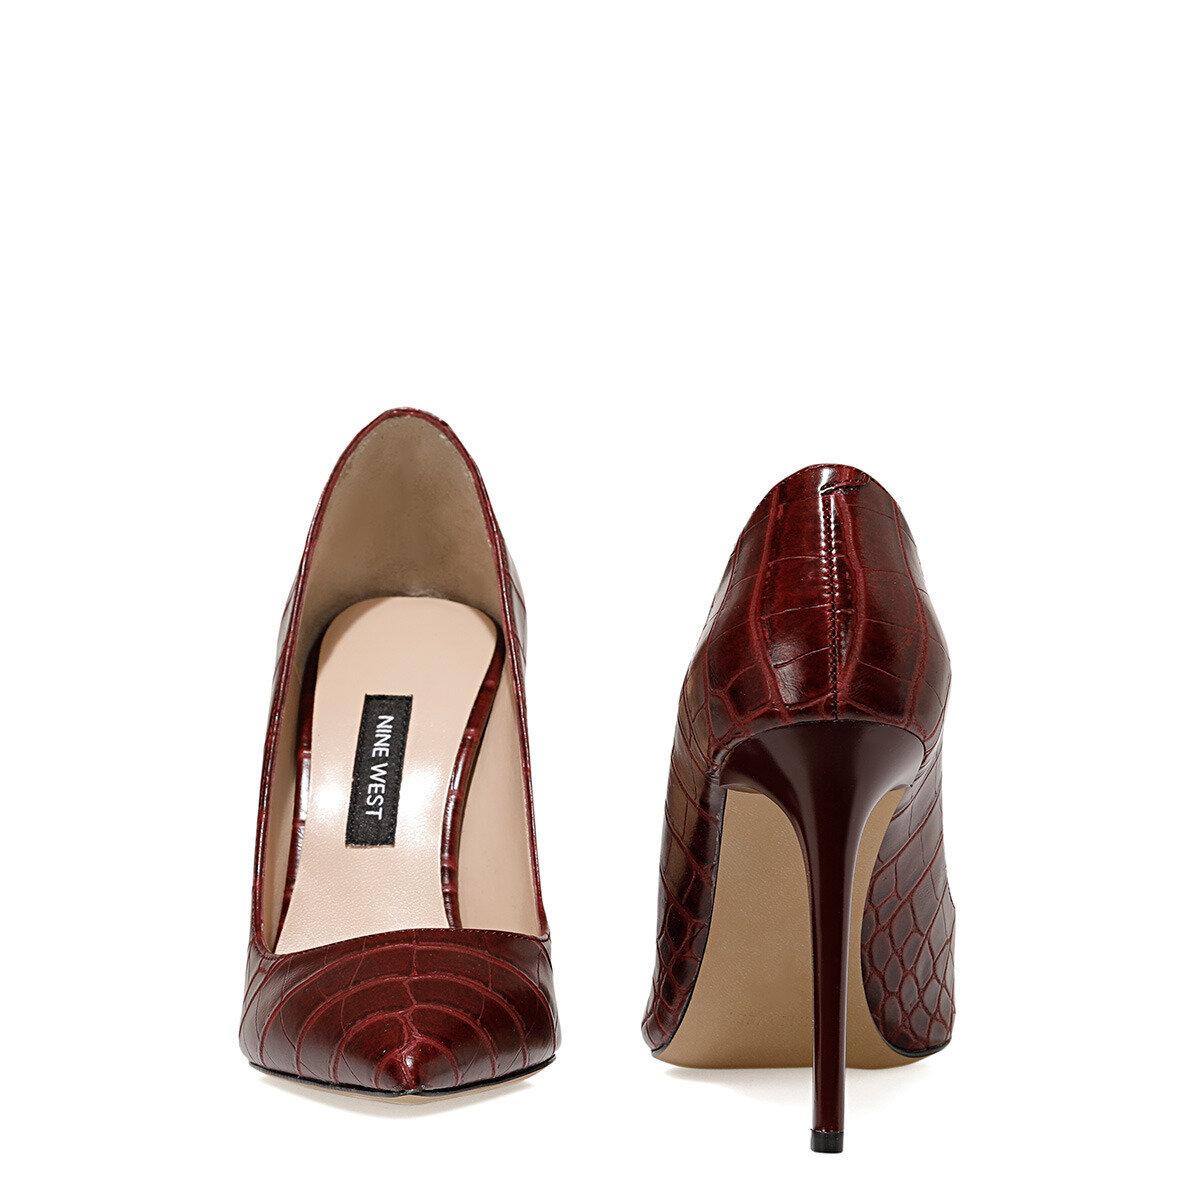 SUNDE2 Bordo Kadın Gova Ayakkabı